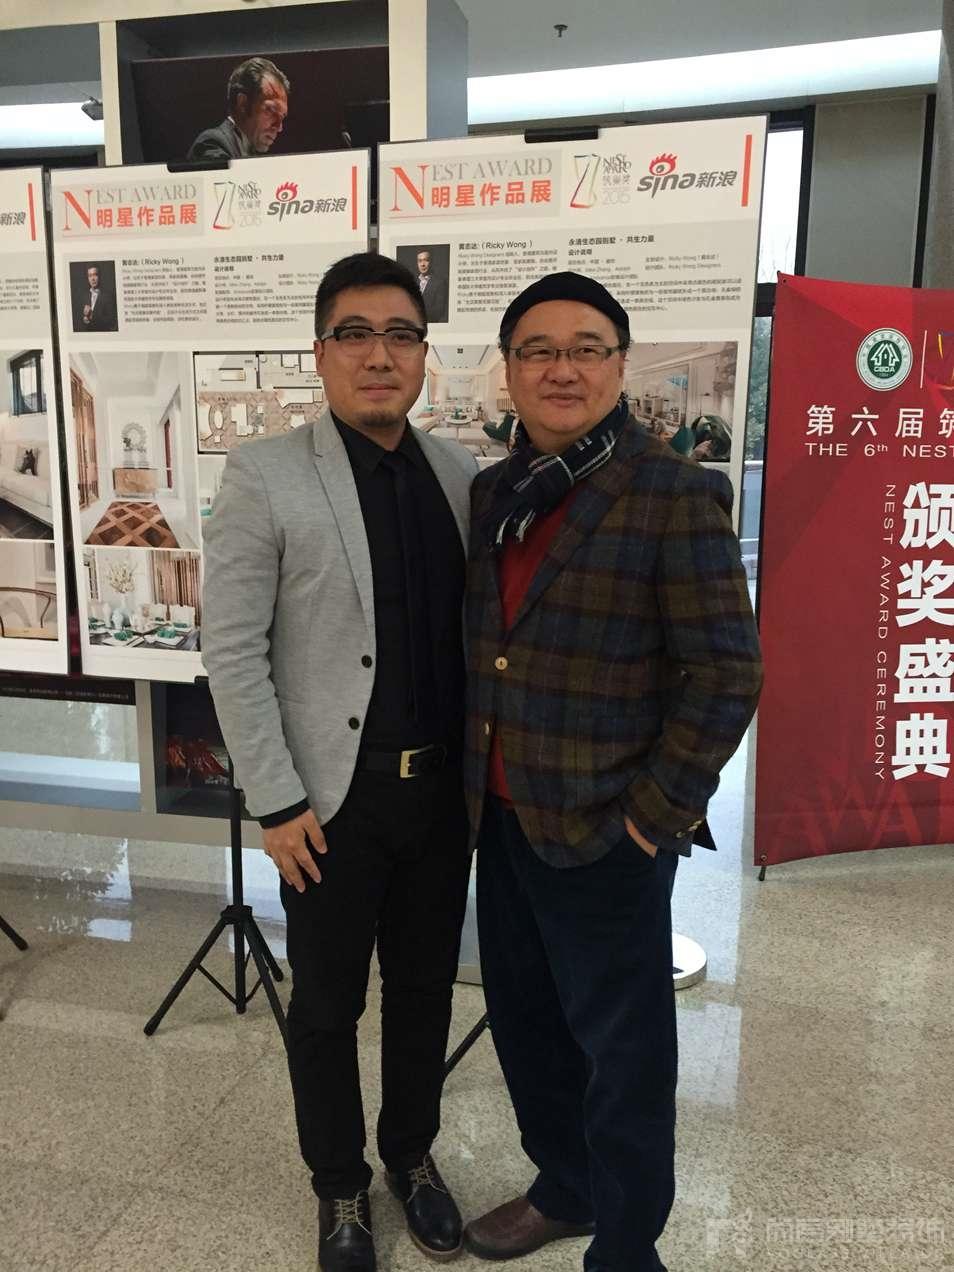 尚层装饰刘悦鹏与台湾著名设计师合影